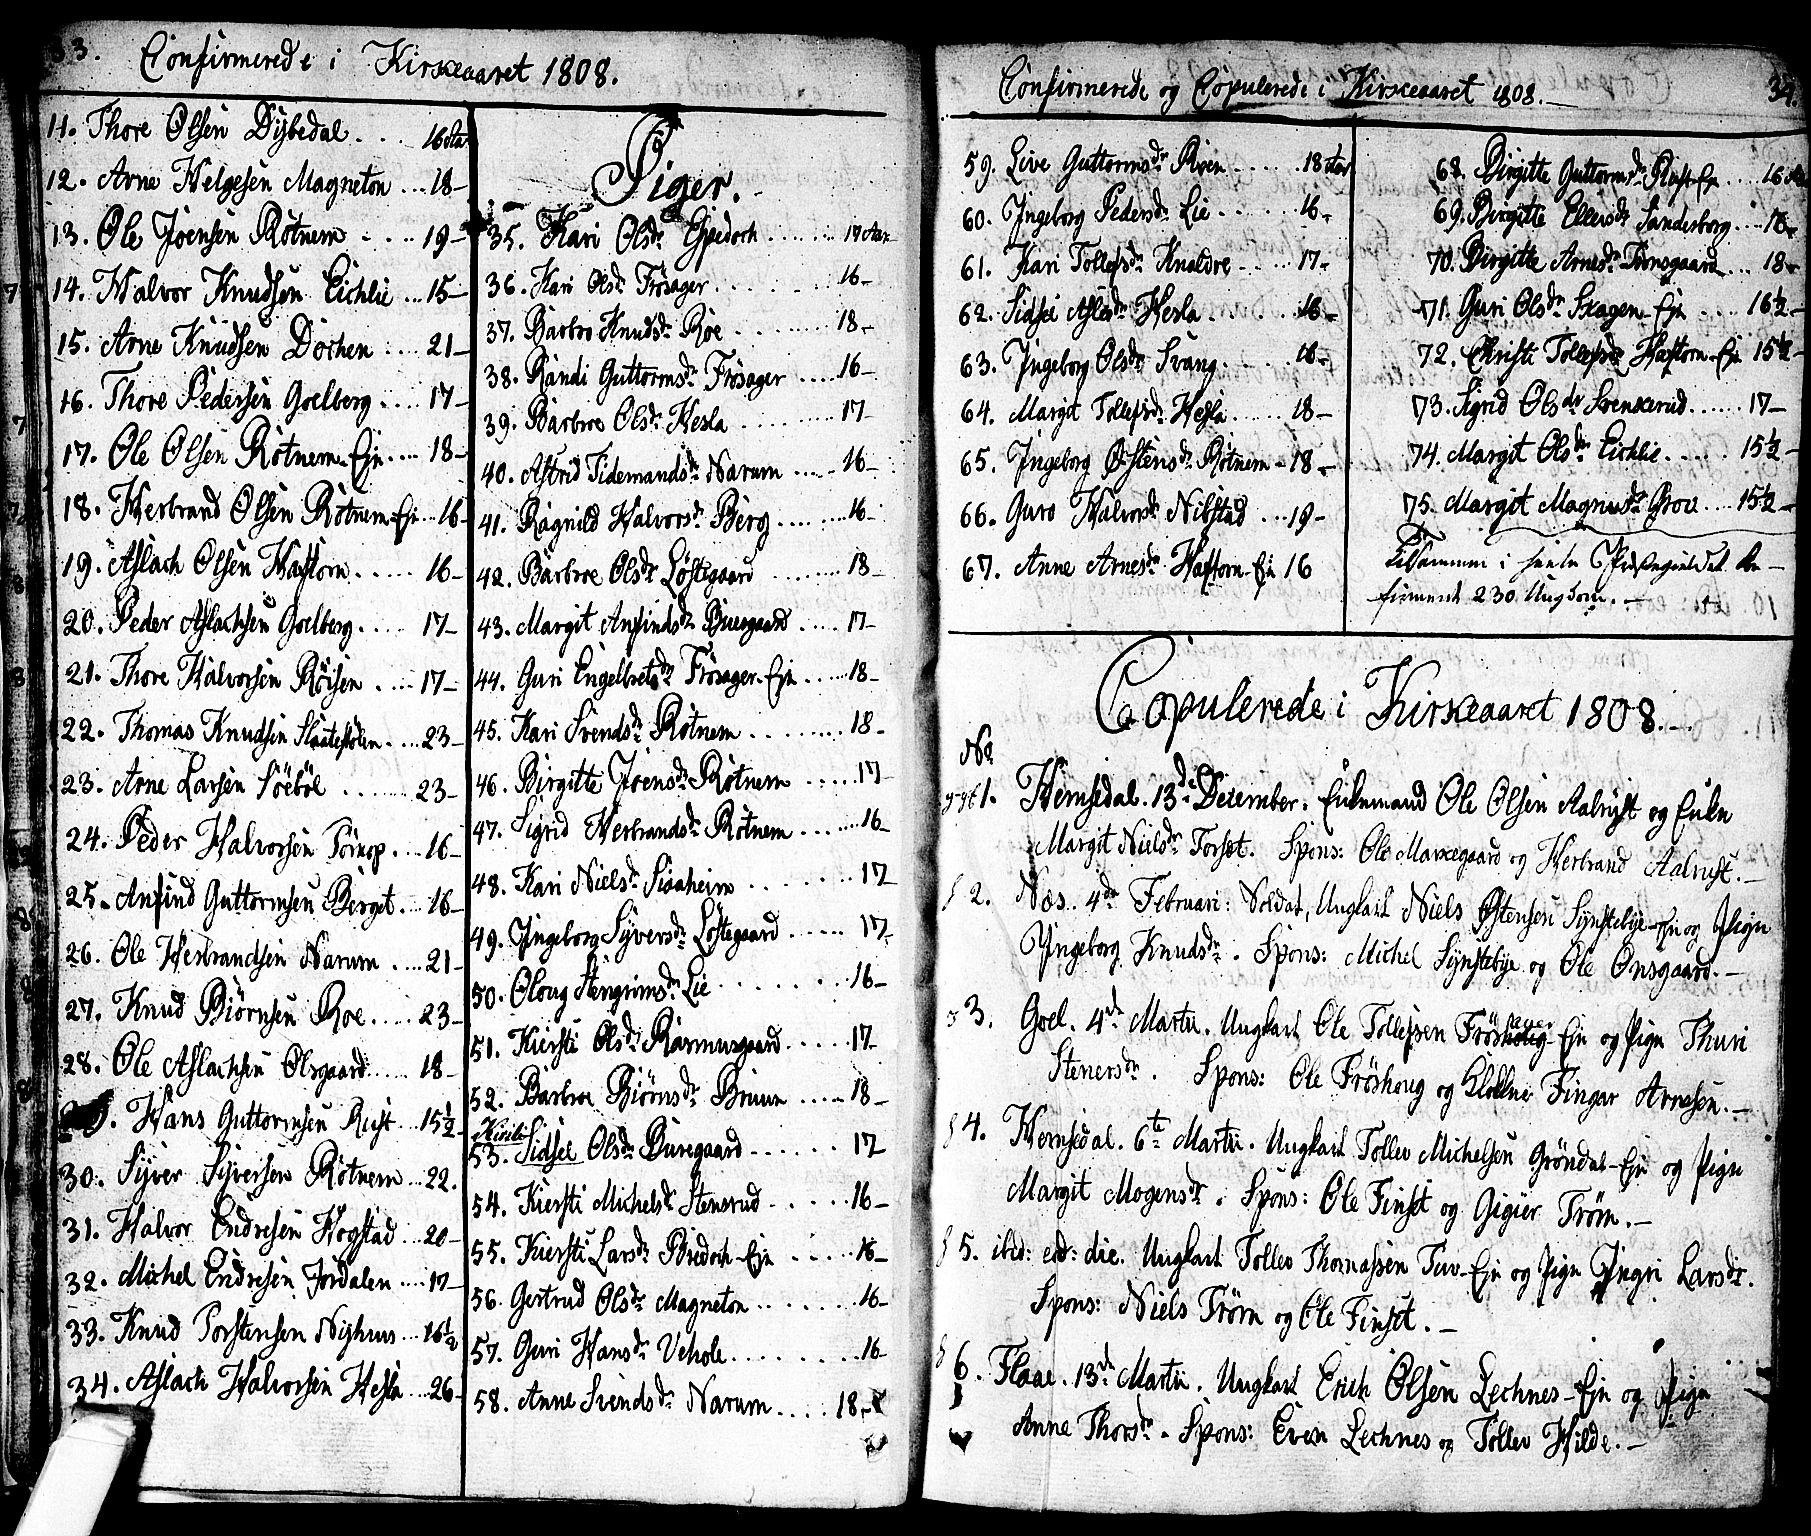 SAKO, Nes kirkebøker, F/Fa/L0006: Ministerialbok nr. 6, 1808-1814, s. 33-34